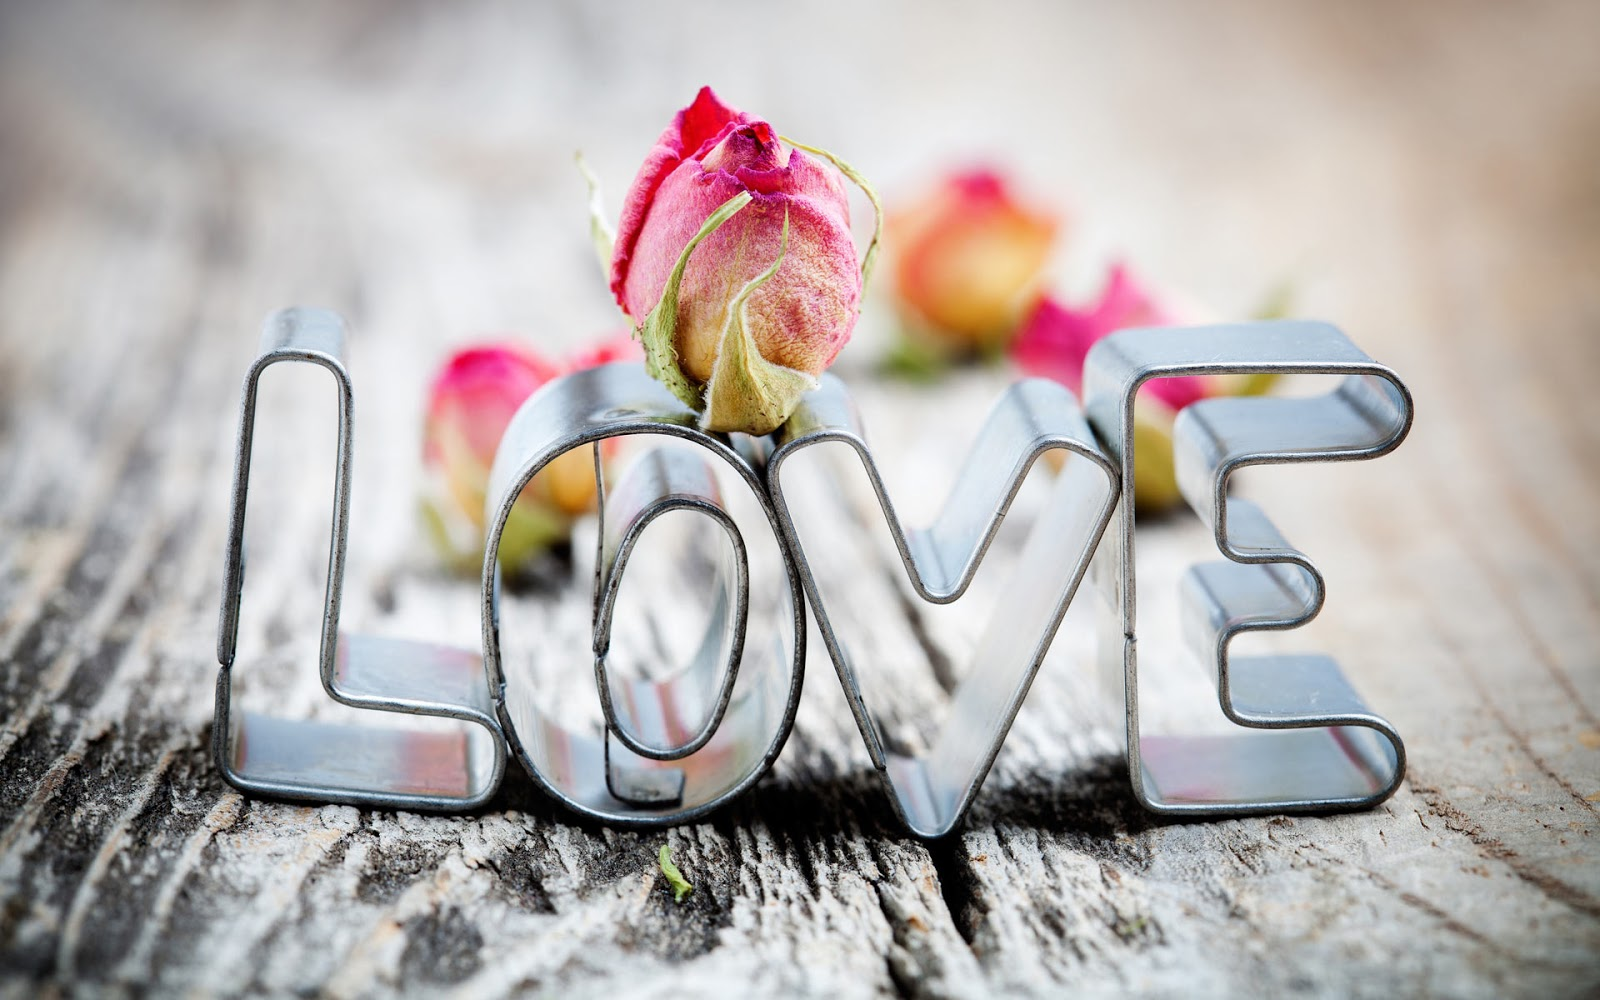 صور احلى الصور الحب فيس بوك , والرومانسية